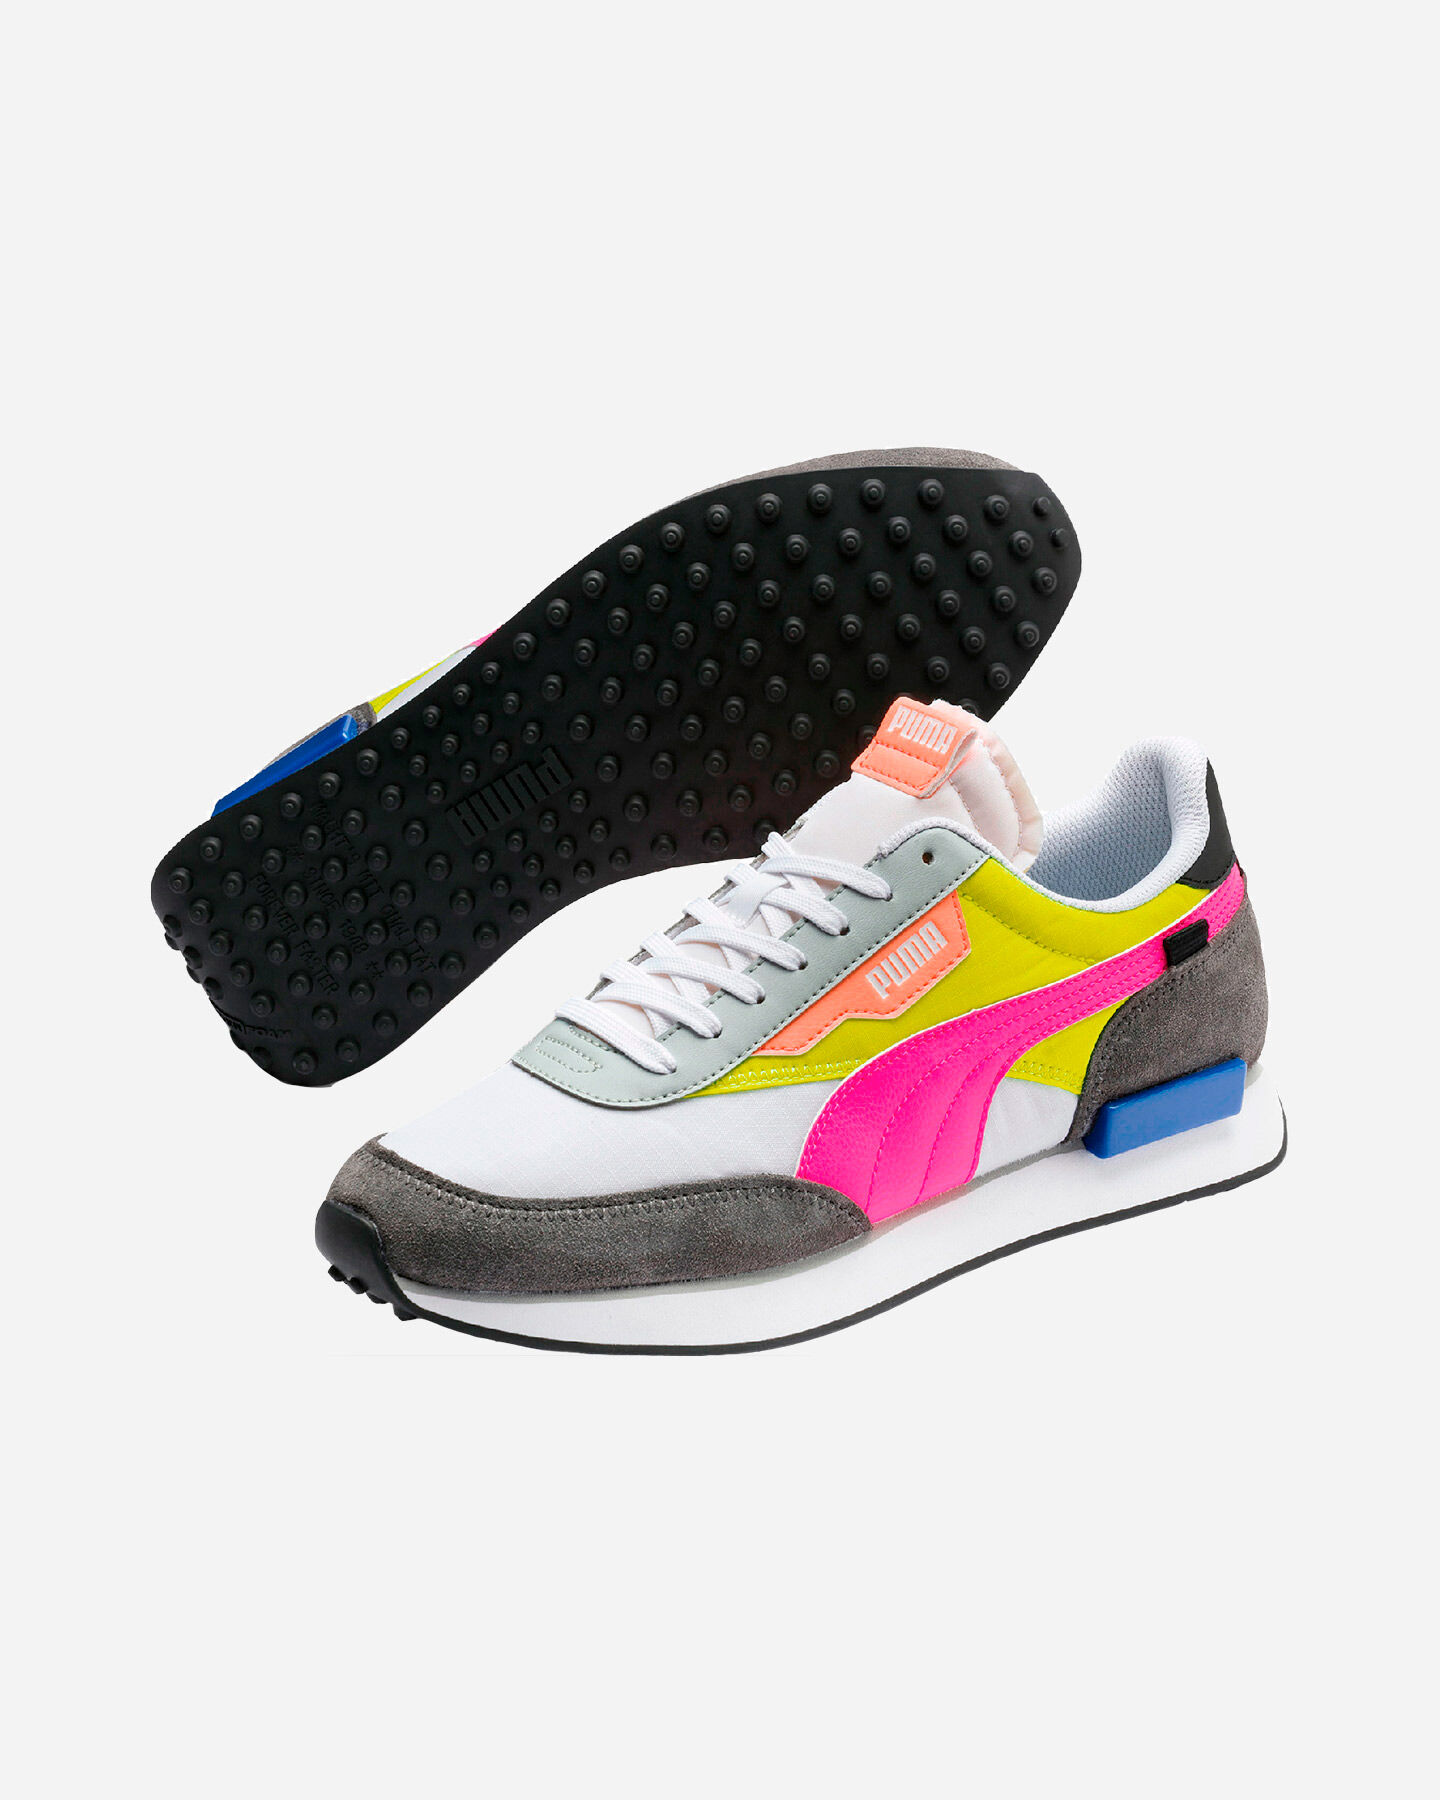 Scarpe sneakers PUMA FUTURE RIDER PLAY ON W S5188685 scatto 1